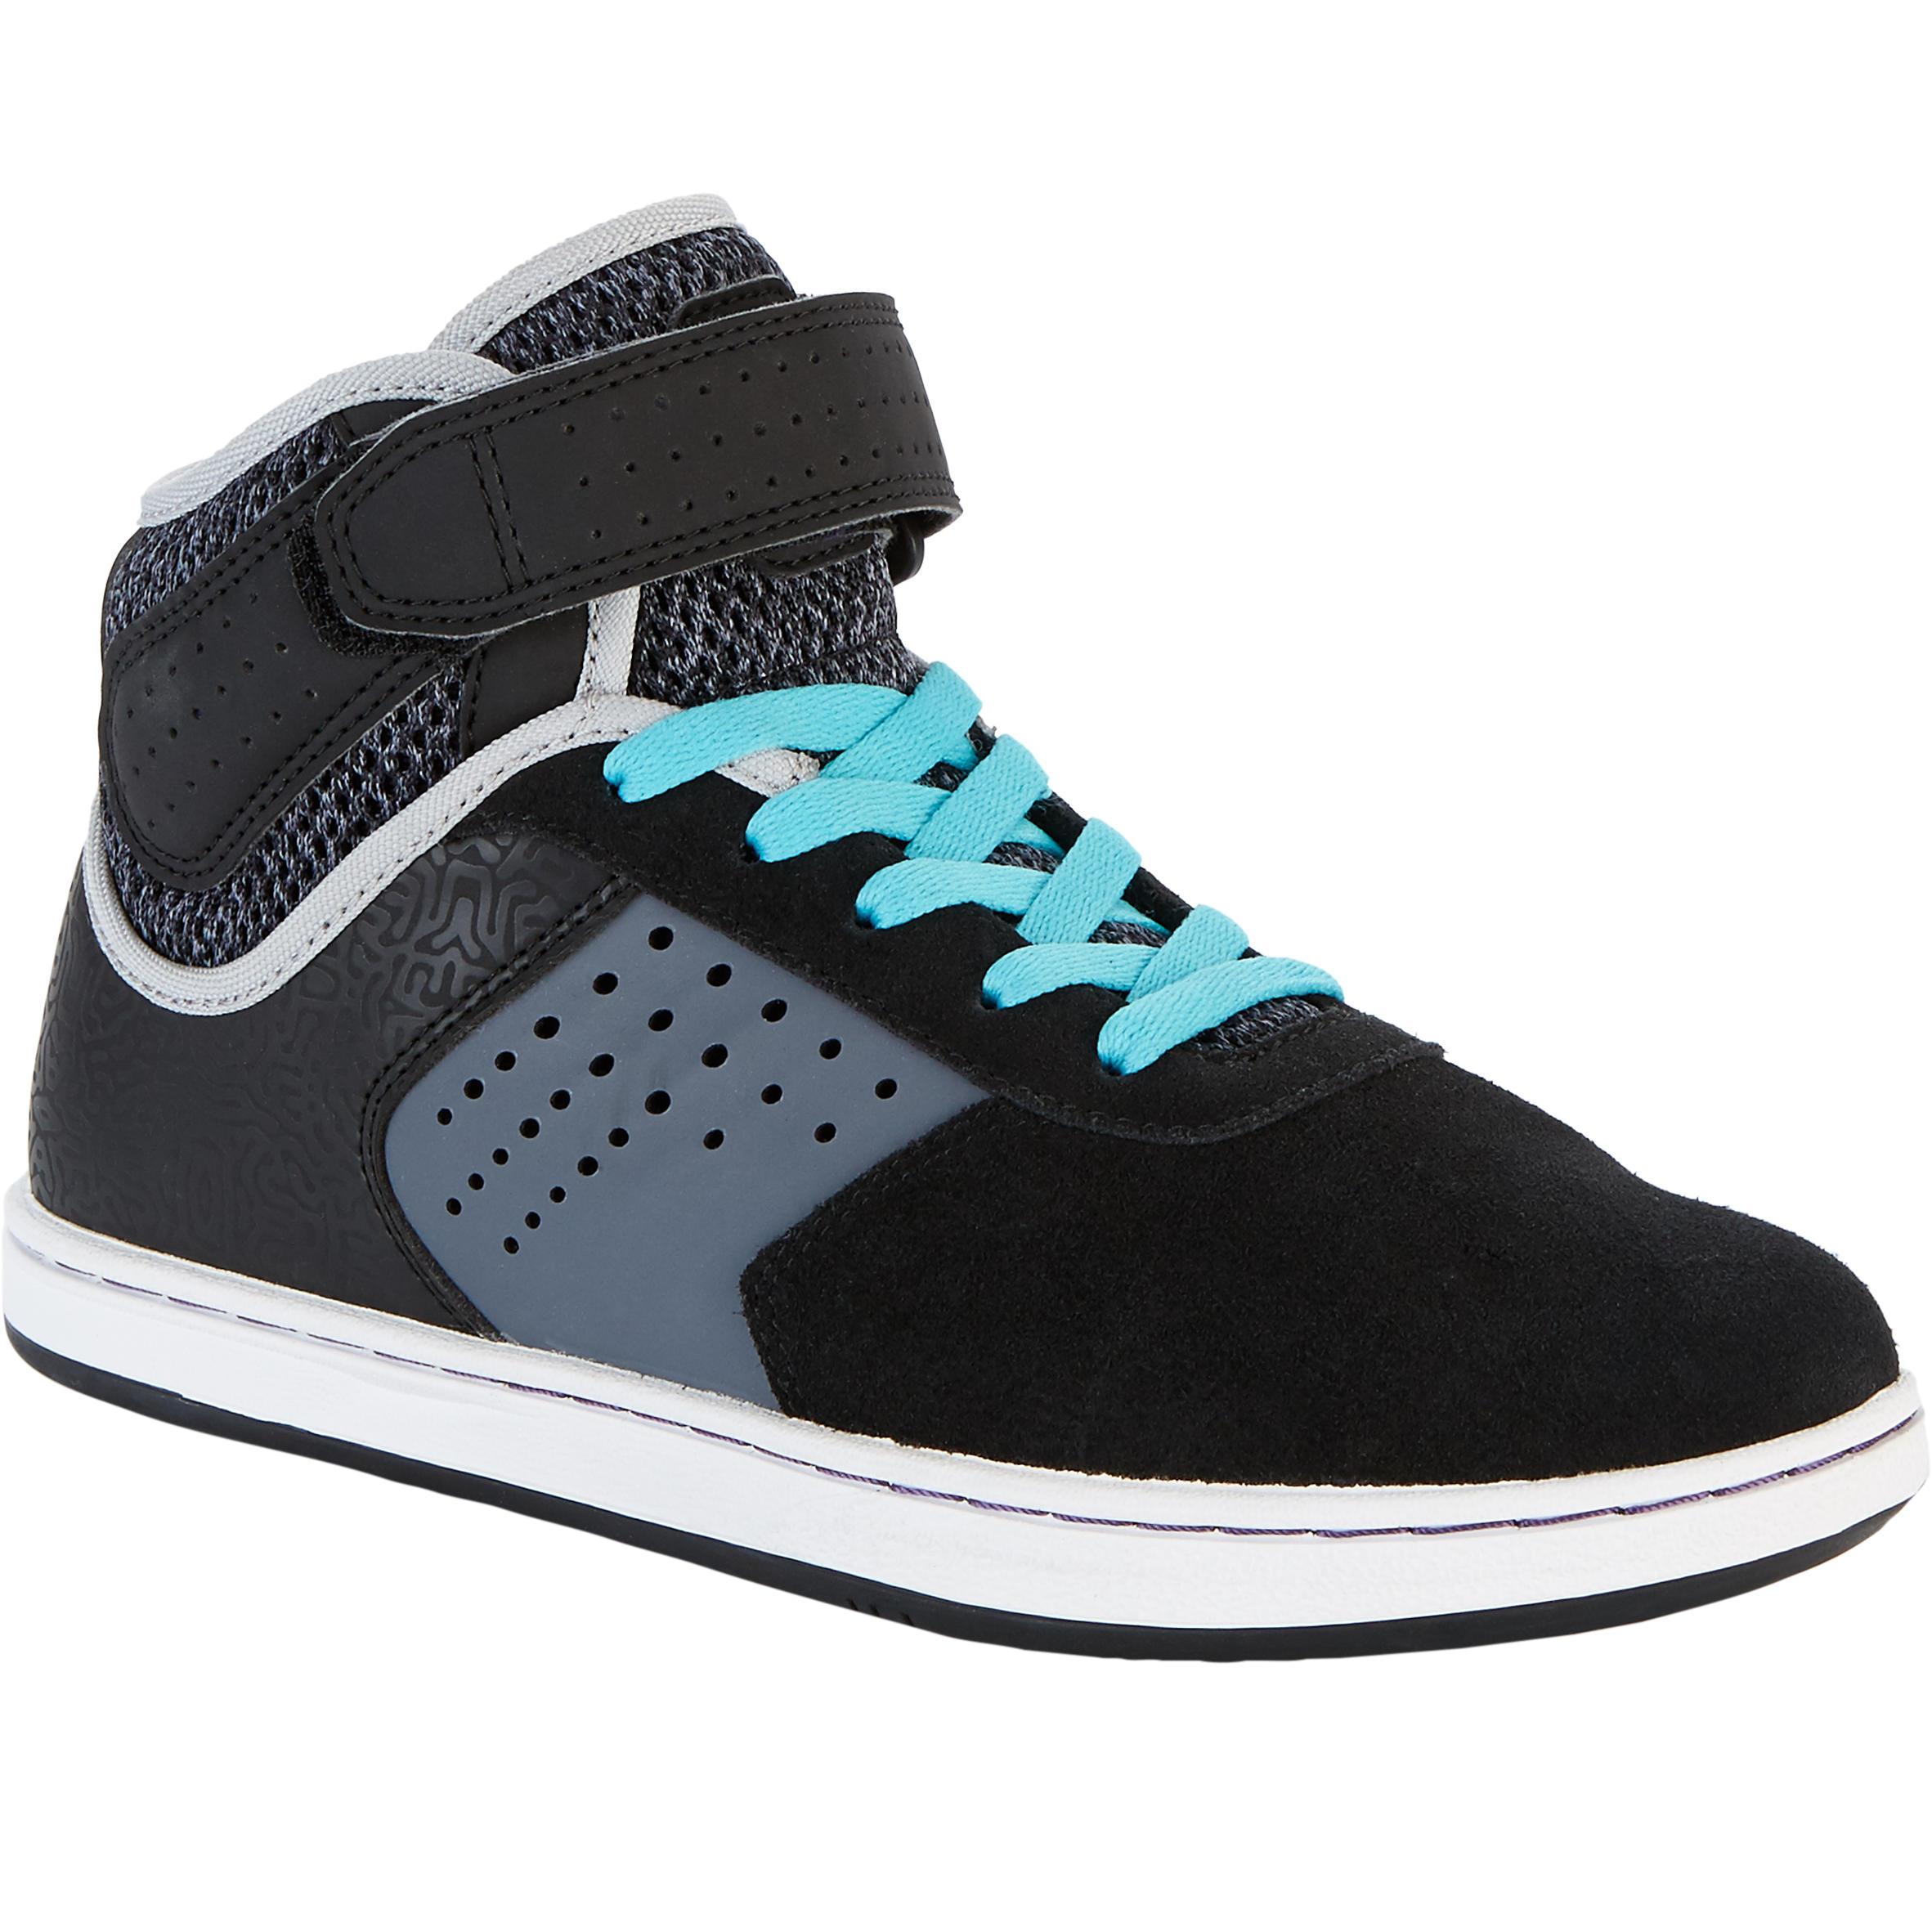 1ec2dcacd Comprar Zapatillas de Skate online